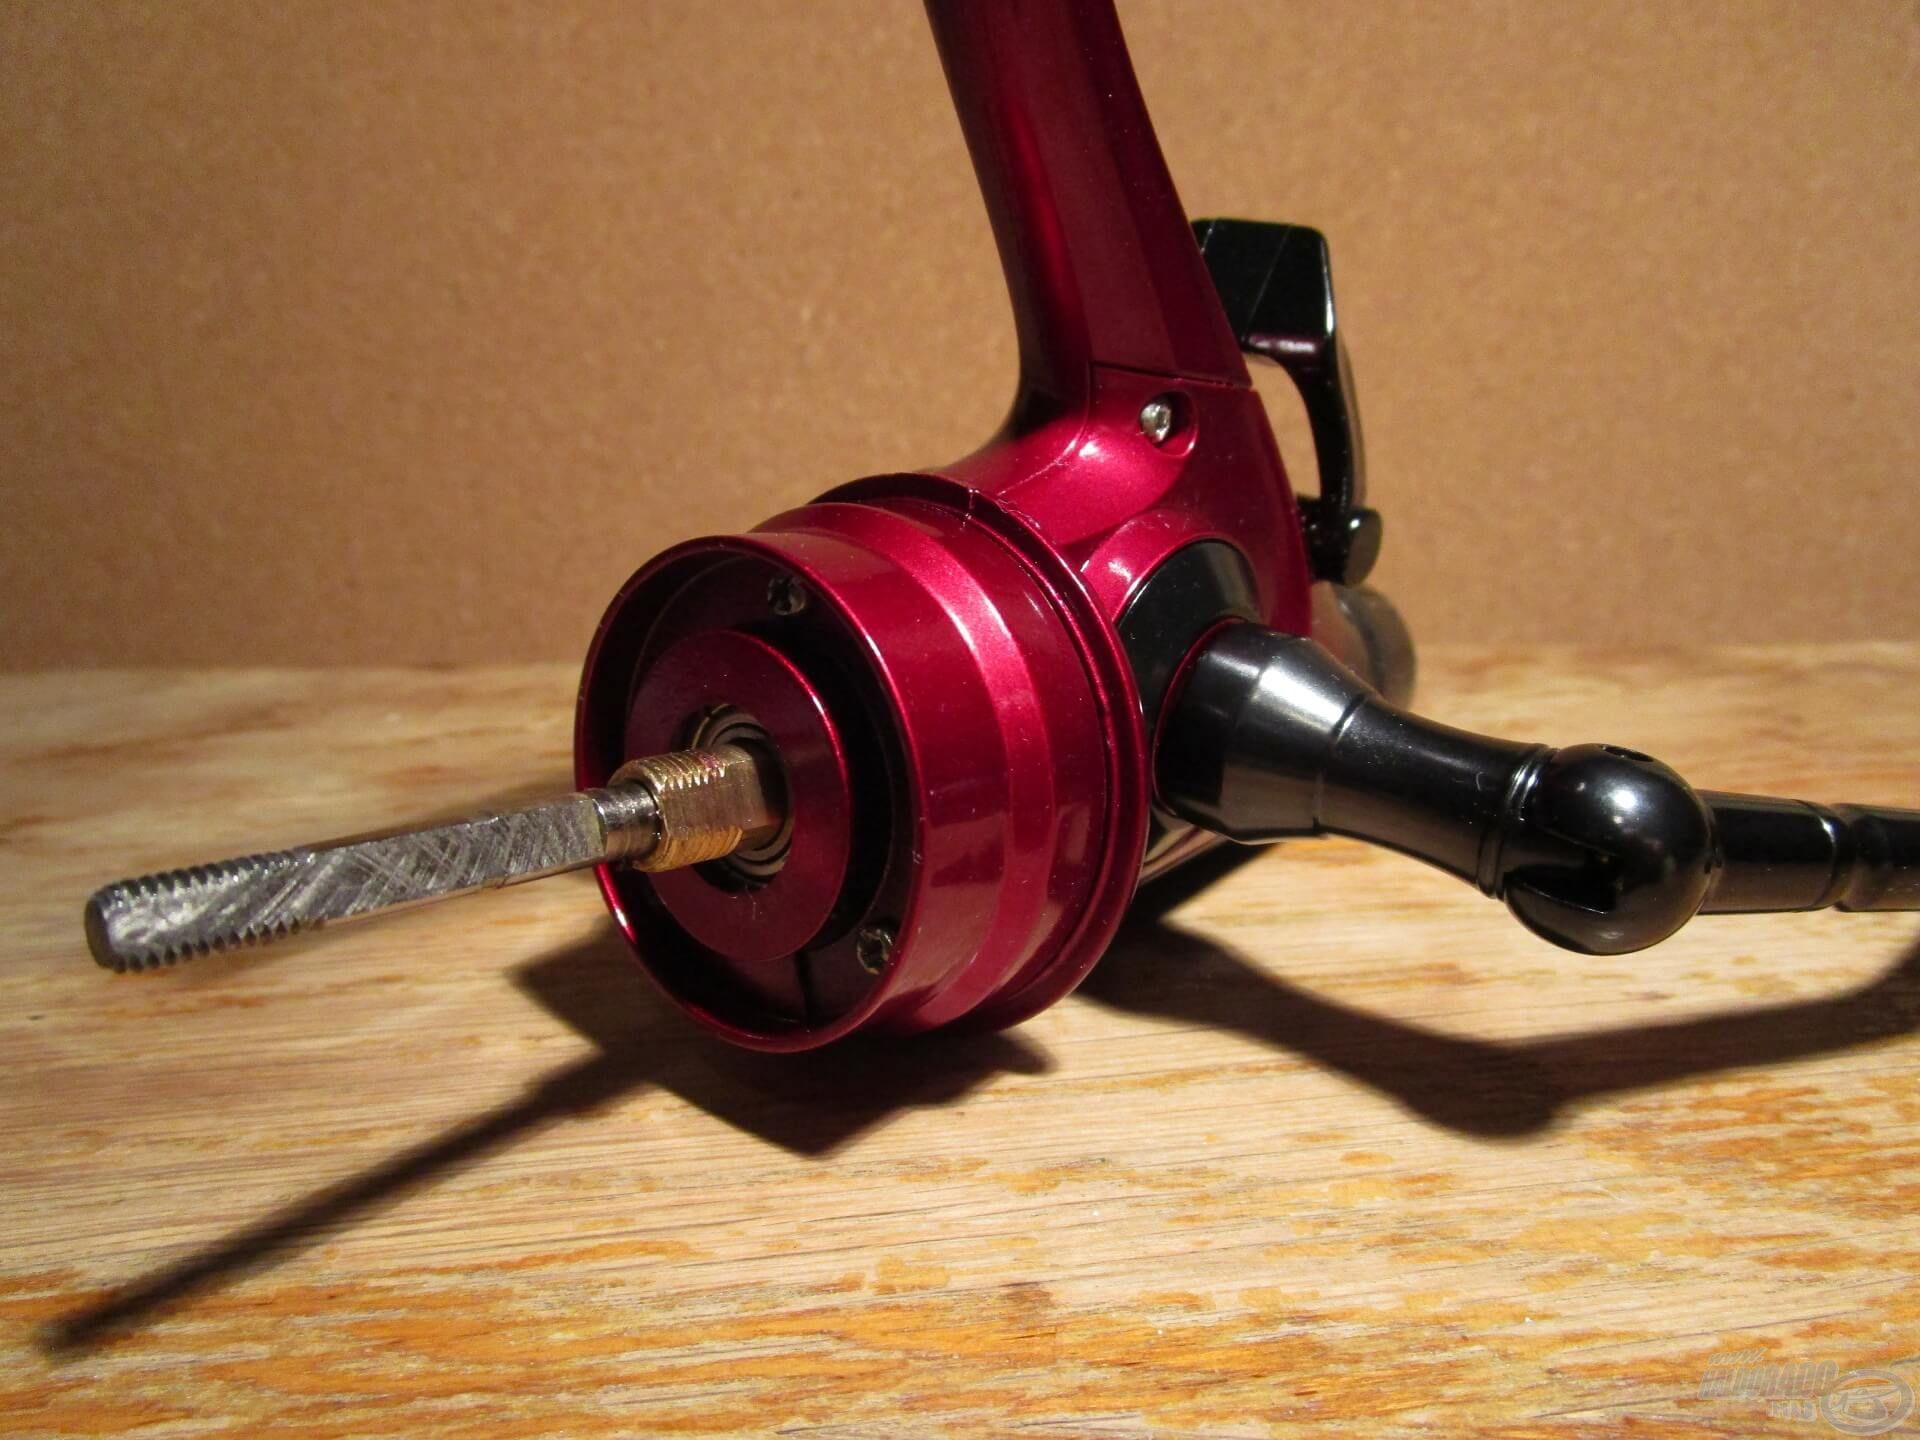 A rotor alatt szintén egy új megoldás bújik meg. Ez nem más, mint a Fine Carp és Pro Method orsókból ismert, zárt házas tűgörgős csapágy